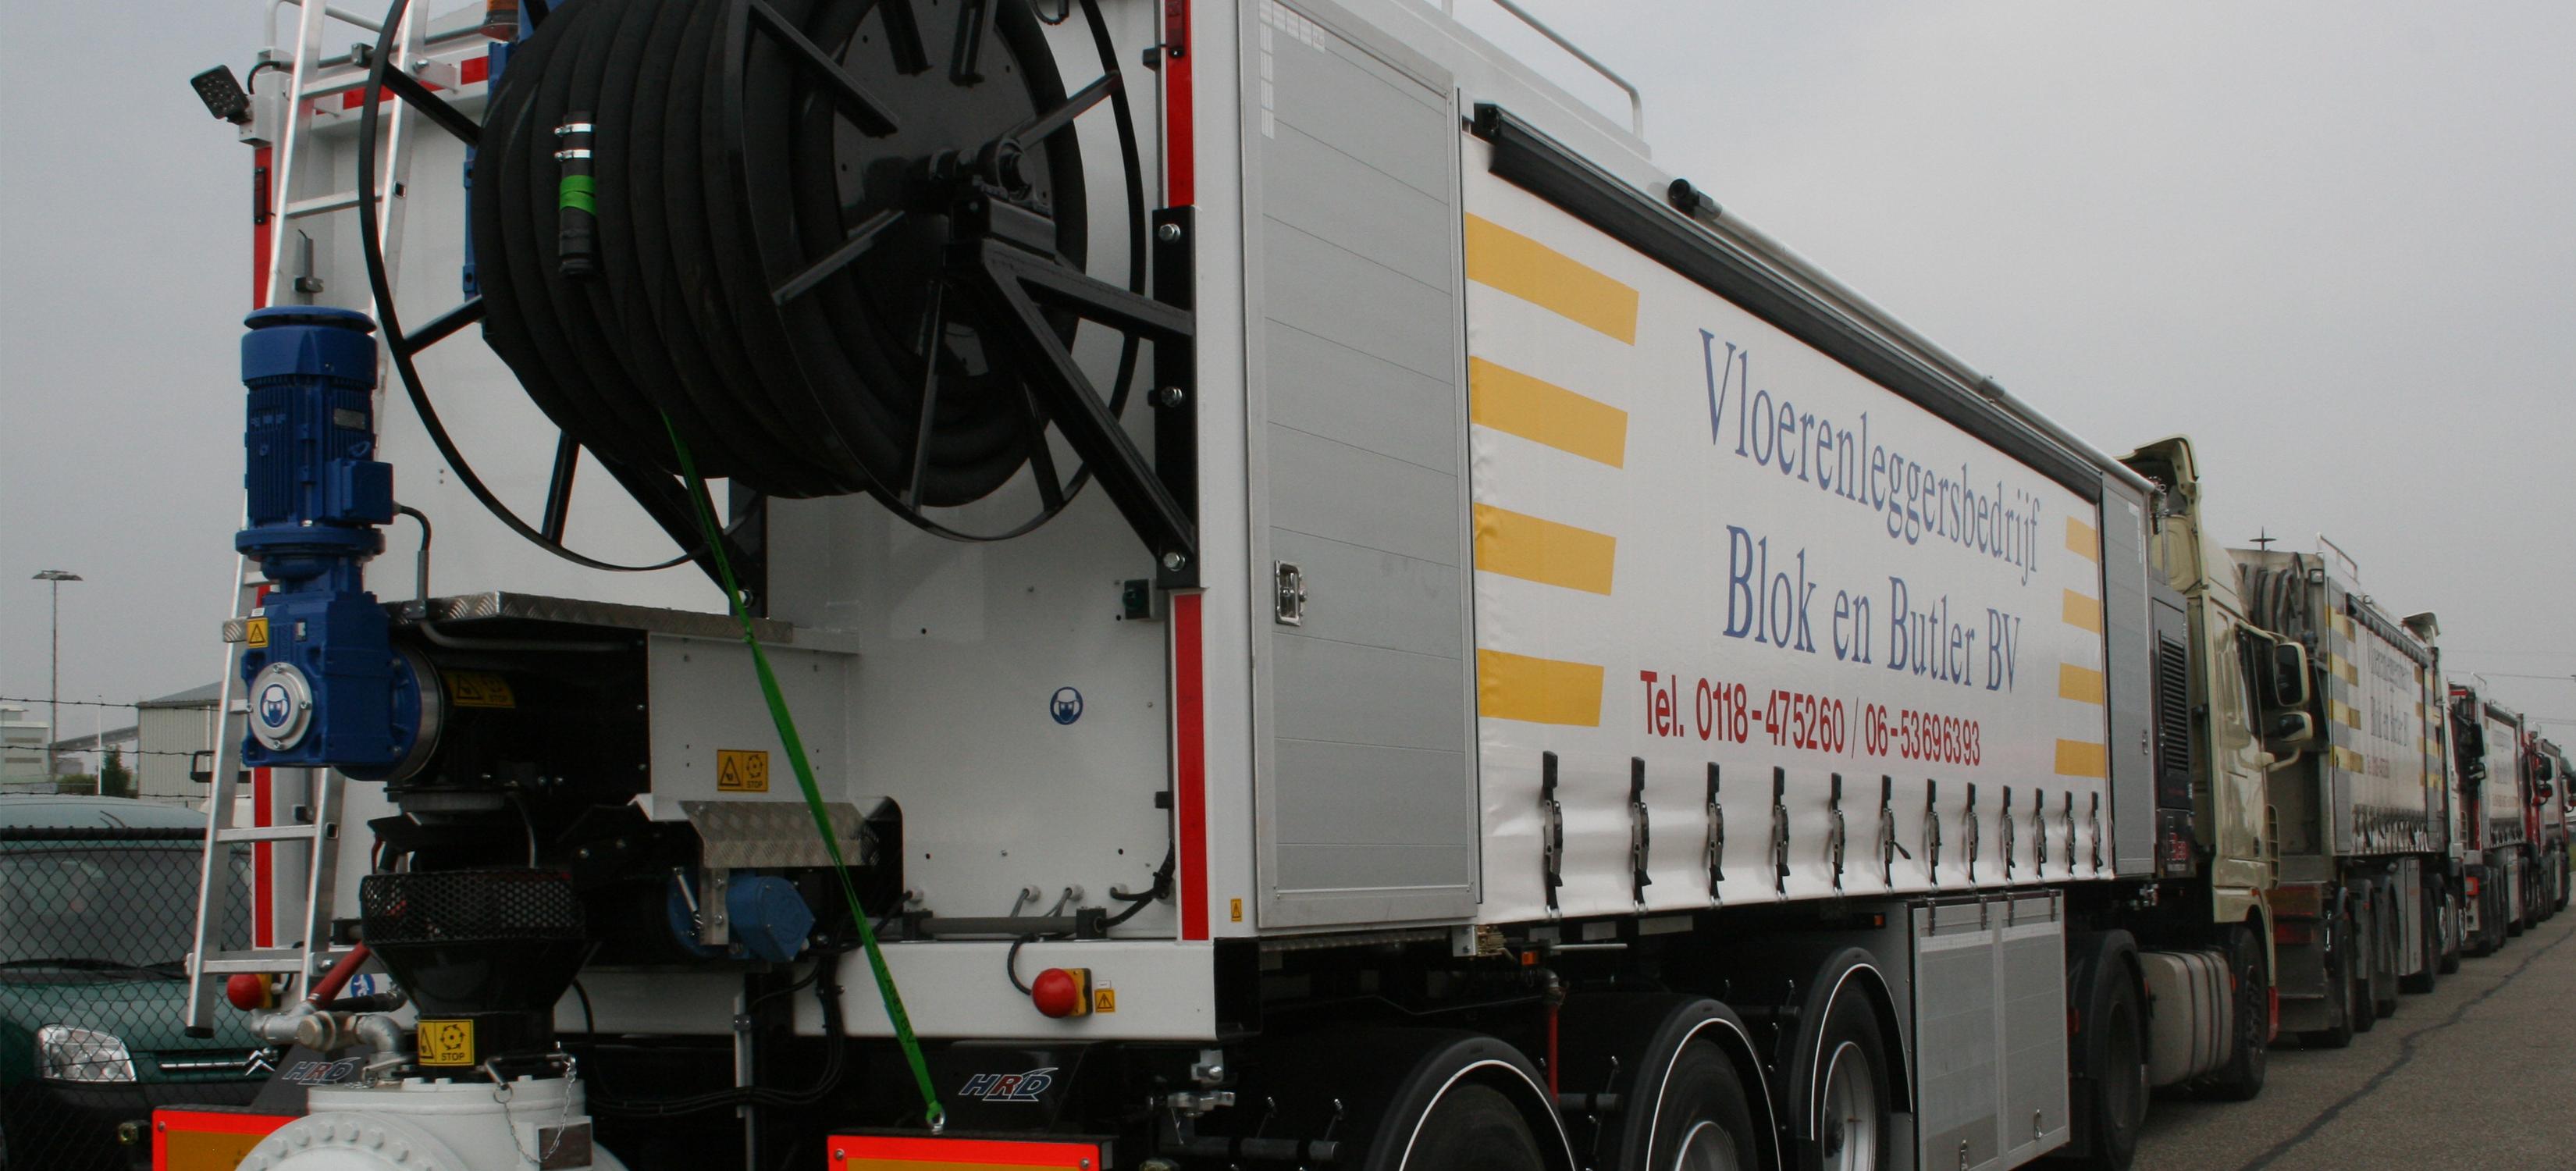 Vrachtwagen met nieuwste technieken